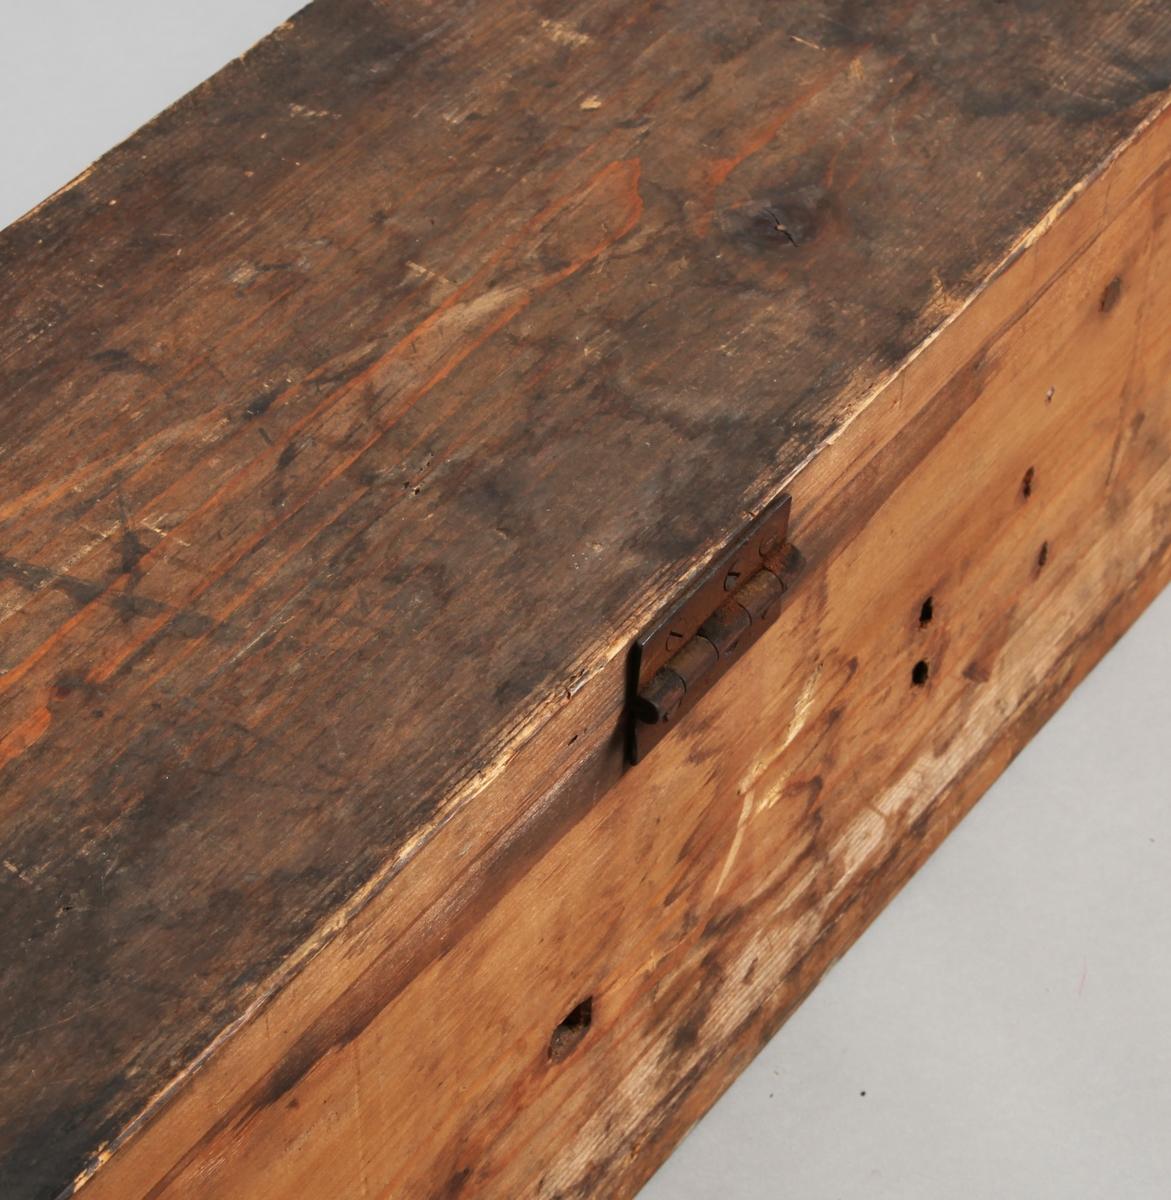 Rektangulær med spisser i ene kortenden. Fra spissene henger det dusker. (NB! Sjekk i Salhus om beskrivelsen passer.). Lang stang med endestykke av metall.